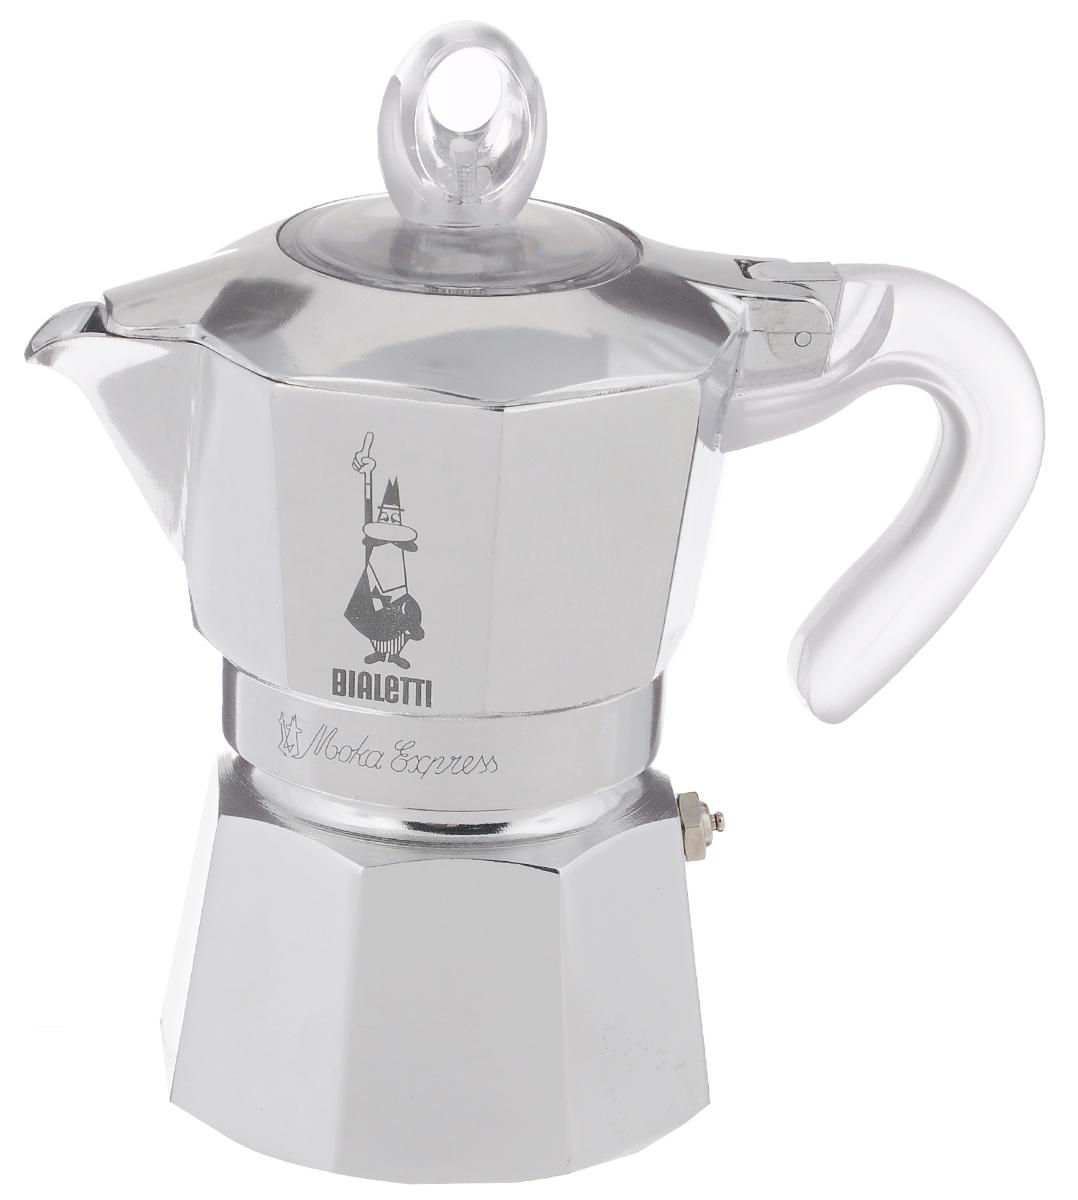 Гейзерная кофеварка Bialetti Moka Glossy, цвет: стальной, на 3 чашки4232Компактная гейзерная кофеварка Bialetti Moka Glossy изготовлена из высококачественного алюминия. Объема кофе хватает на 3 чашки. Изделие оснащено удобной ручкой из пластика. Принцип работы такой гейзерной кофеварки - кофе заваривается путем многократного прохождения горячей воды или пара через слой молотого кофе. Удобство кофеварки в том, что вся кофейная гуща остается во внутренней емкости. Гейзерные кофеварки пользуются большой популярностью благодаря изысканному аромату. Кофе получается крепкий и насыщенный. Теперь и дома вы сможете насладиться великолепным эспрессо. Подходит для газовых, электрических и стеклокерамических плит. Нельзя мыть в посудомоечной машине. Высота (с учетом крышки): 17 см.